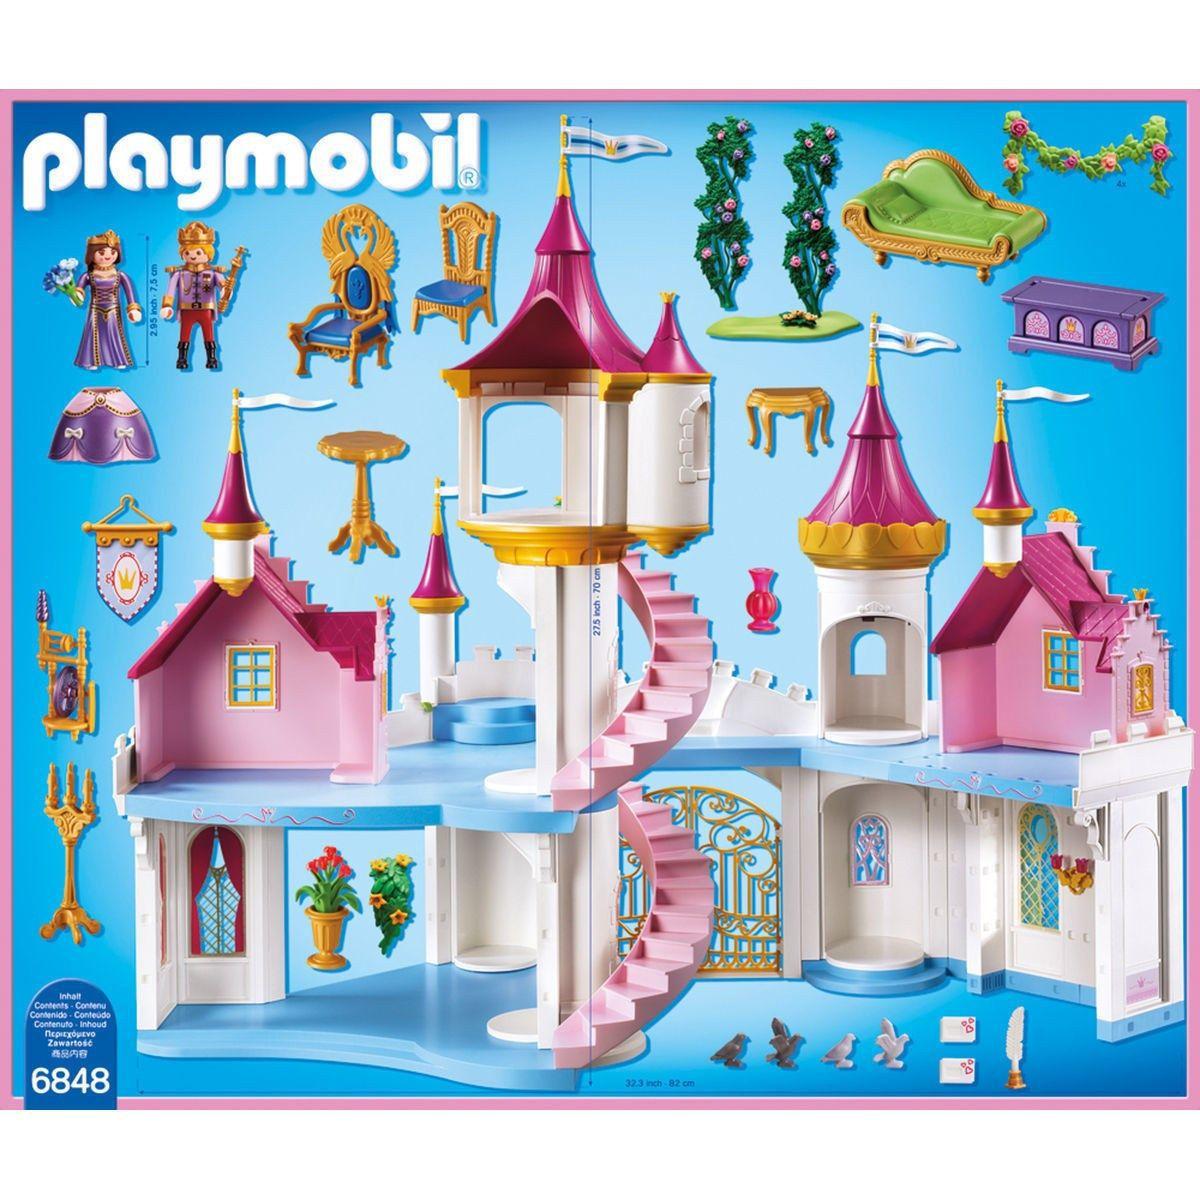 PLAYMOBIL 6848 Grand Château de Princesse - Achat / Vente univers ...